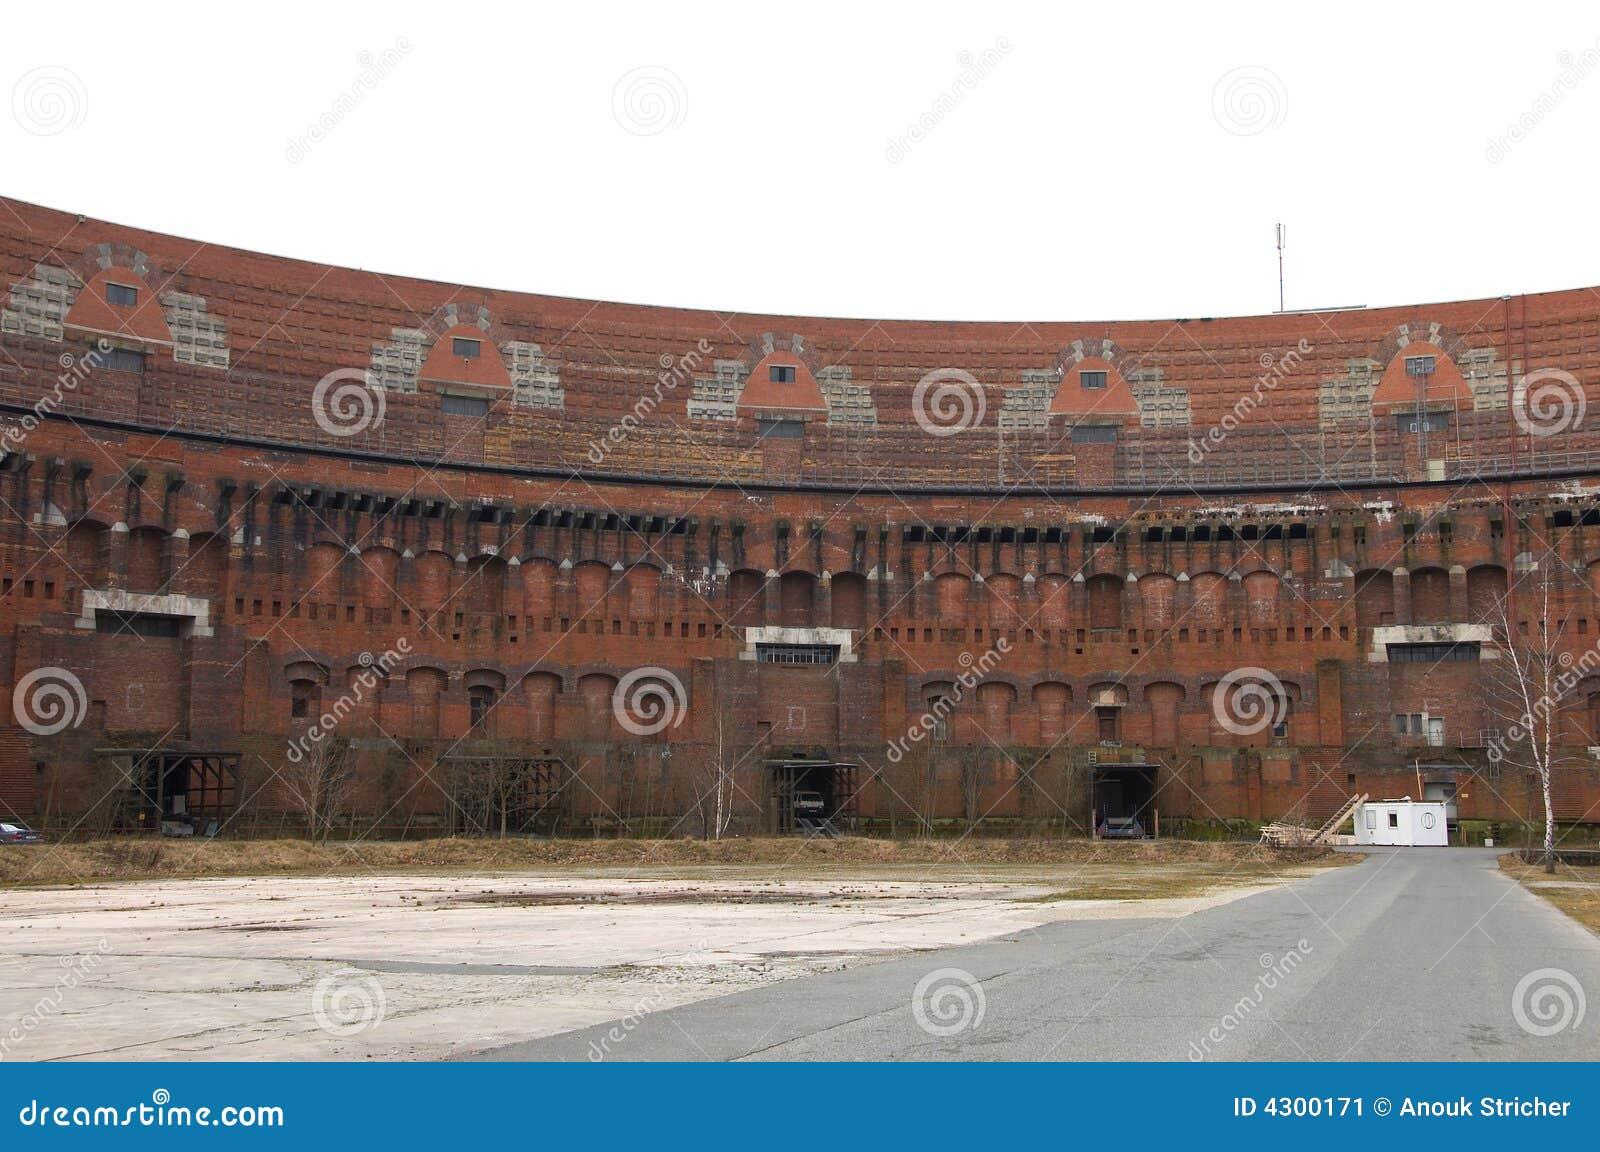 Kongresshalle纽伦堡